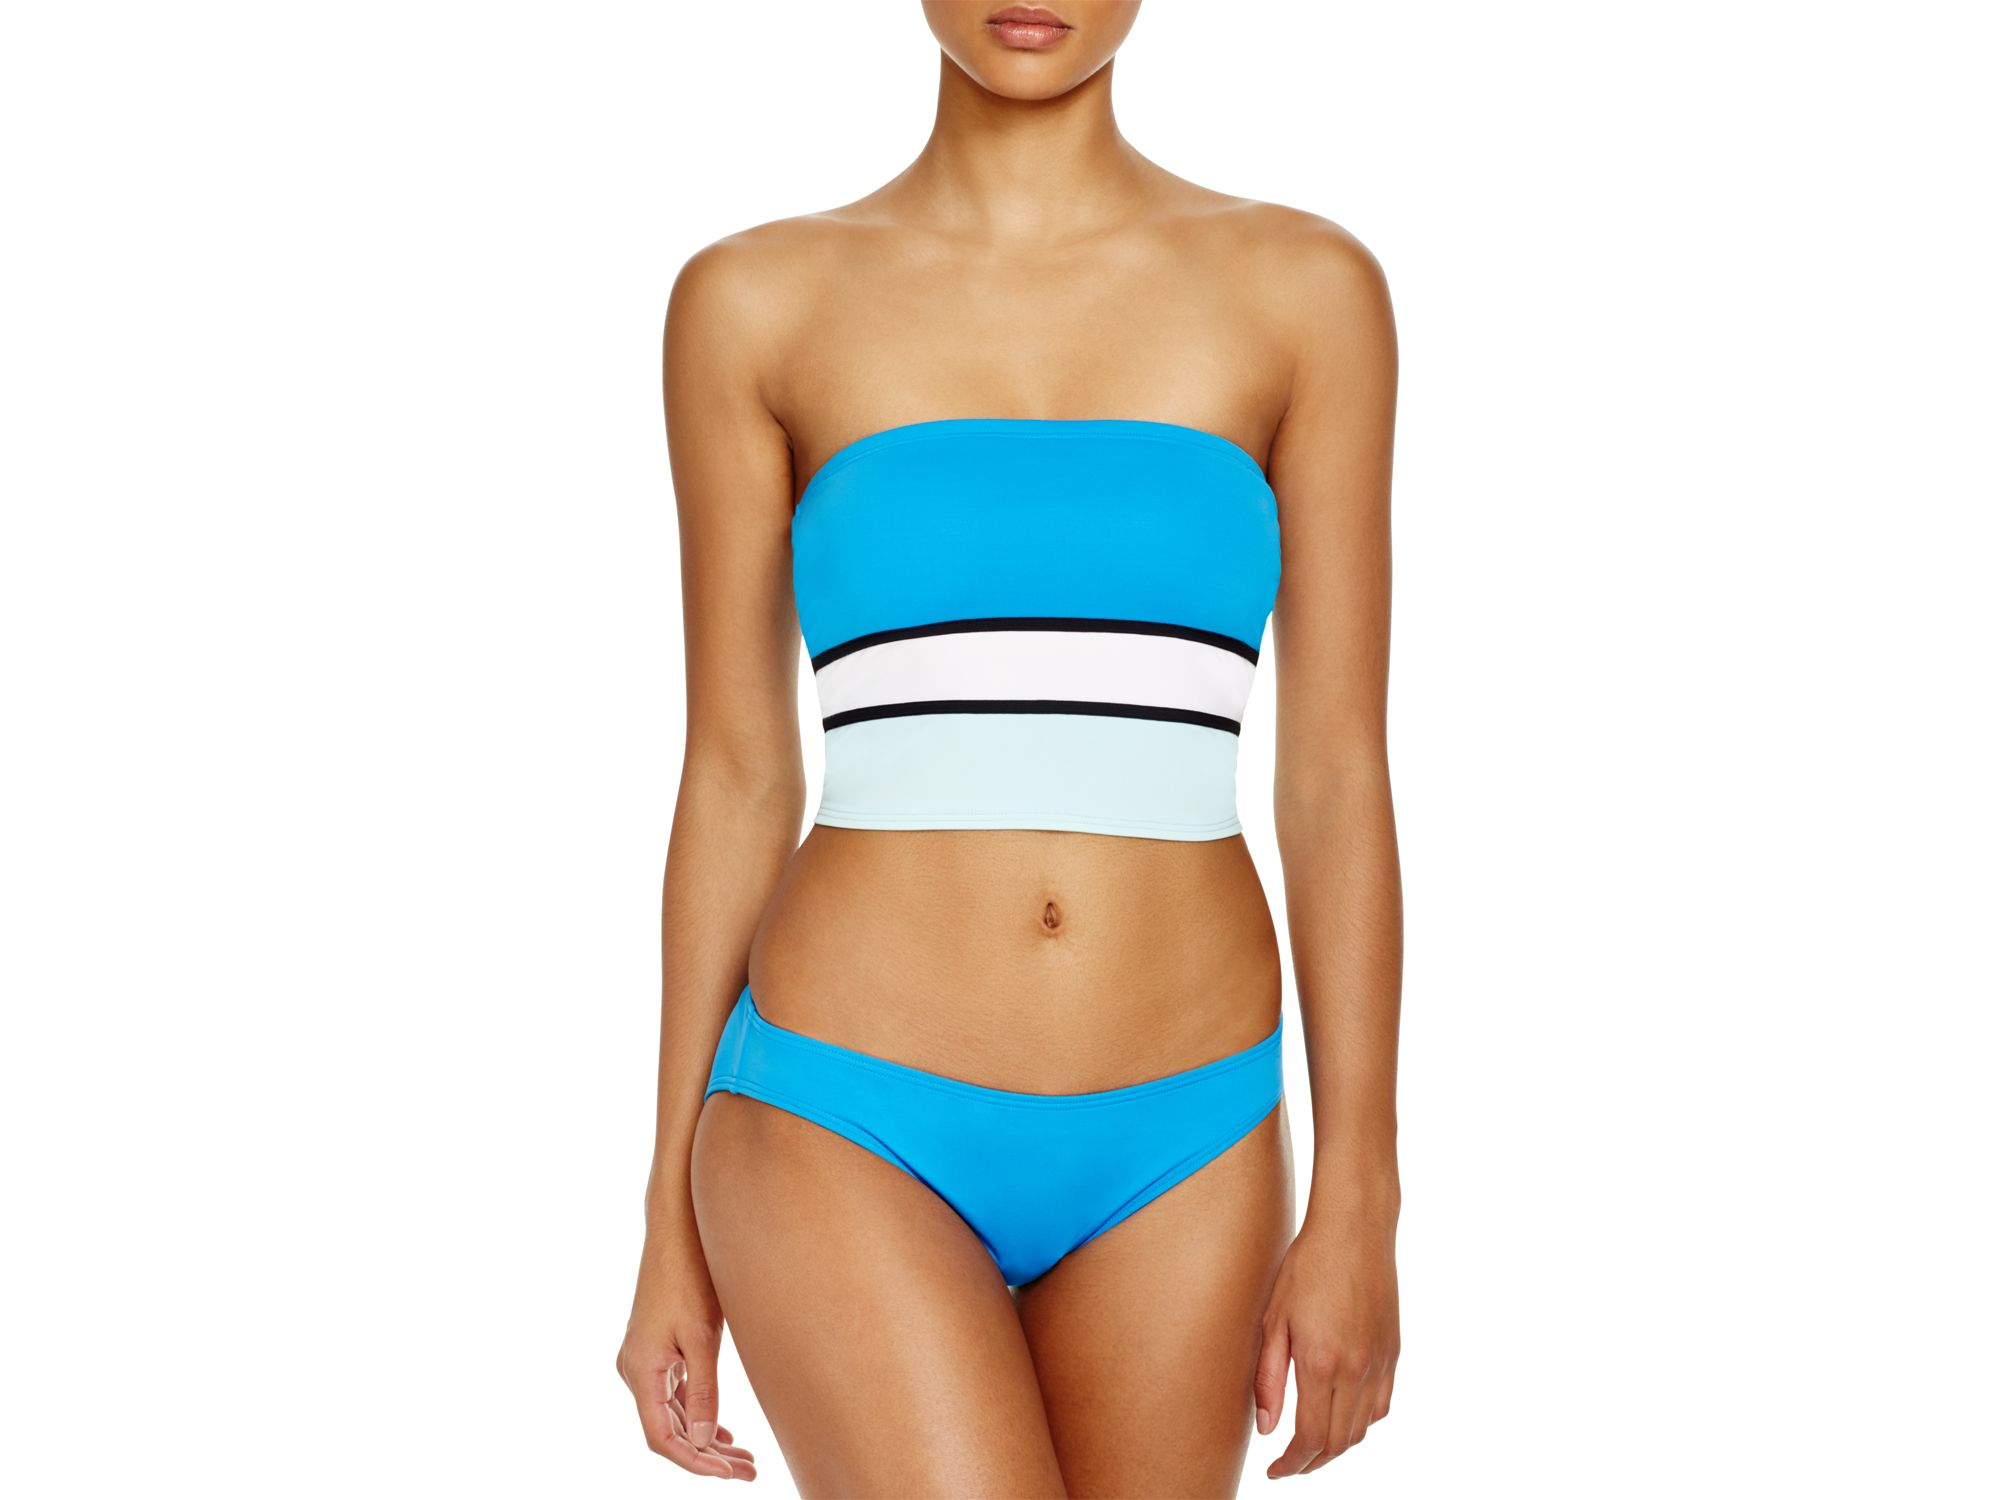 ca1f0b71f0 Lyst - Vince Camuto Bandeau Crop Bikini Top in Blue